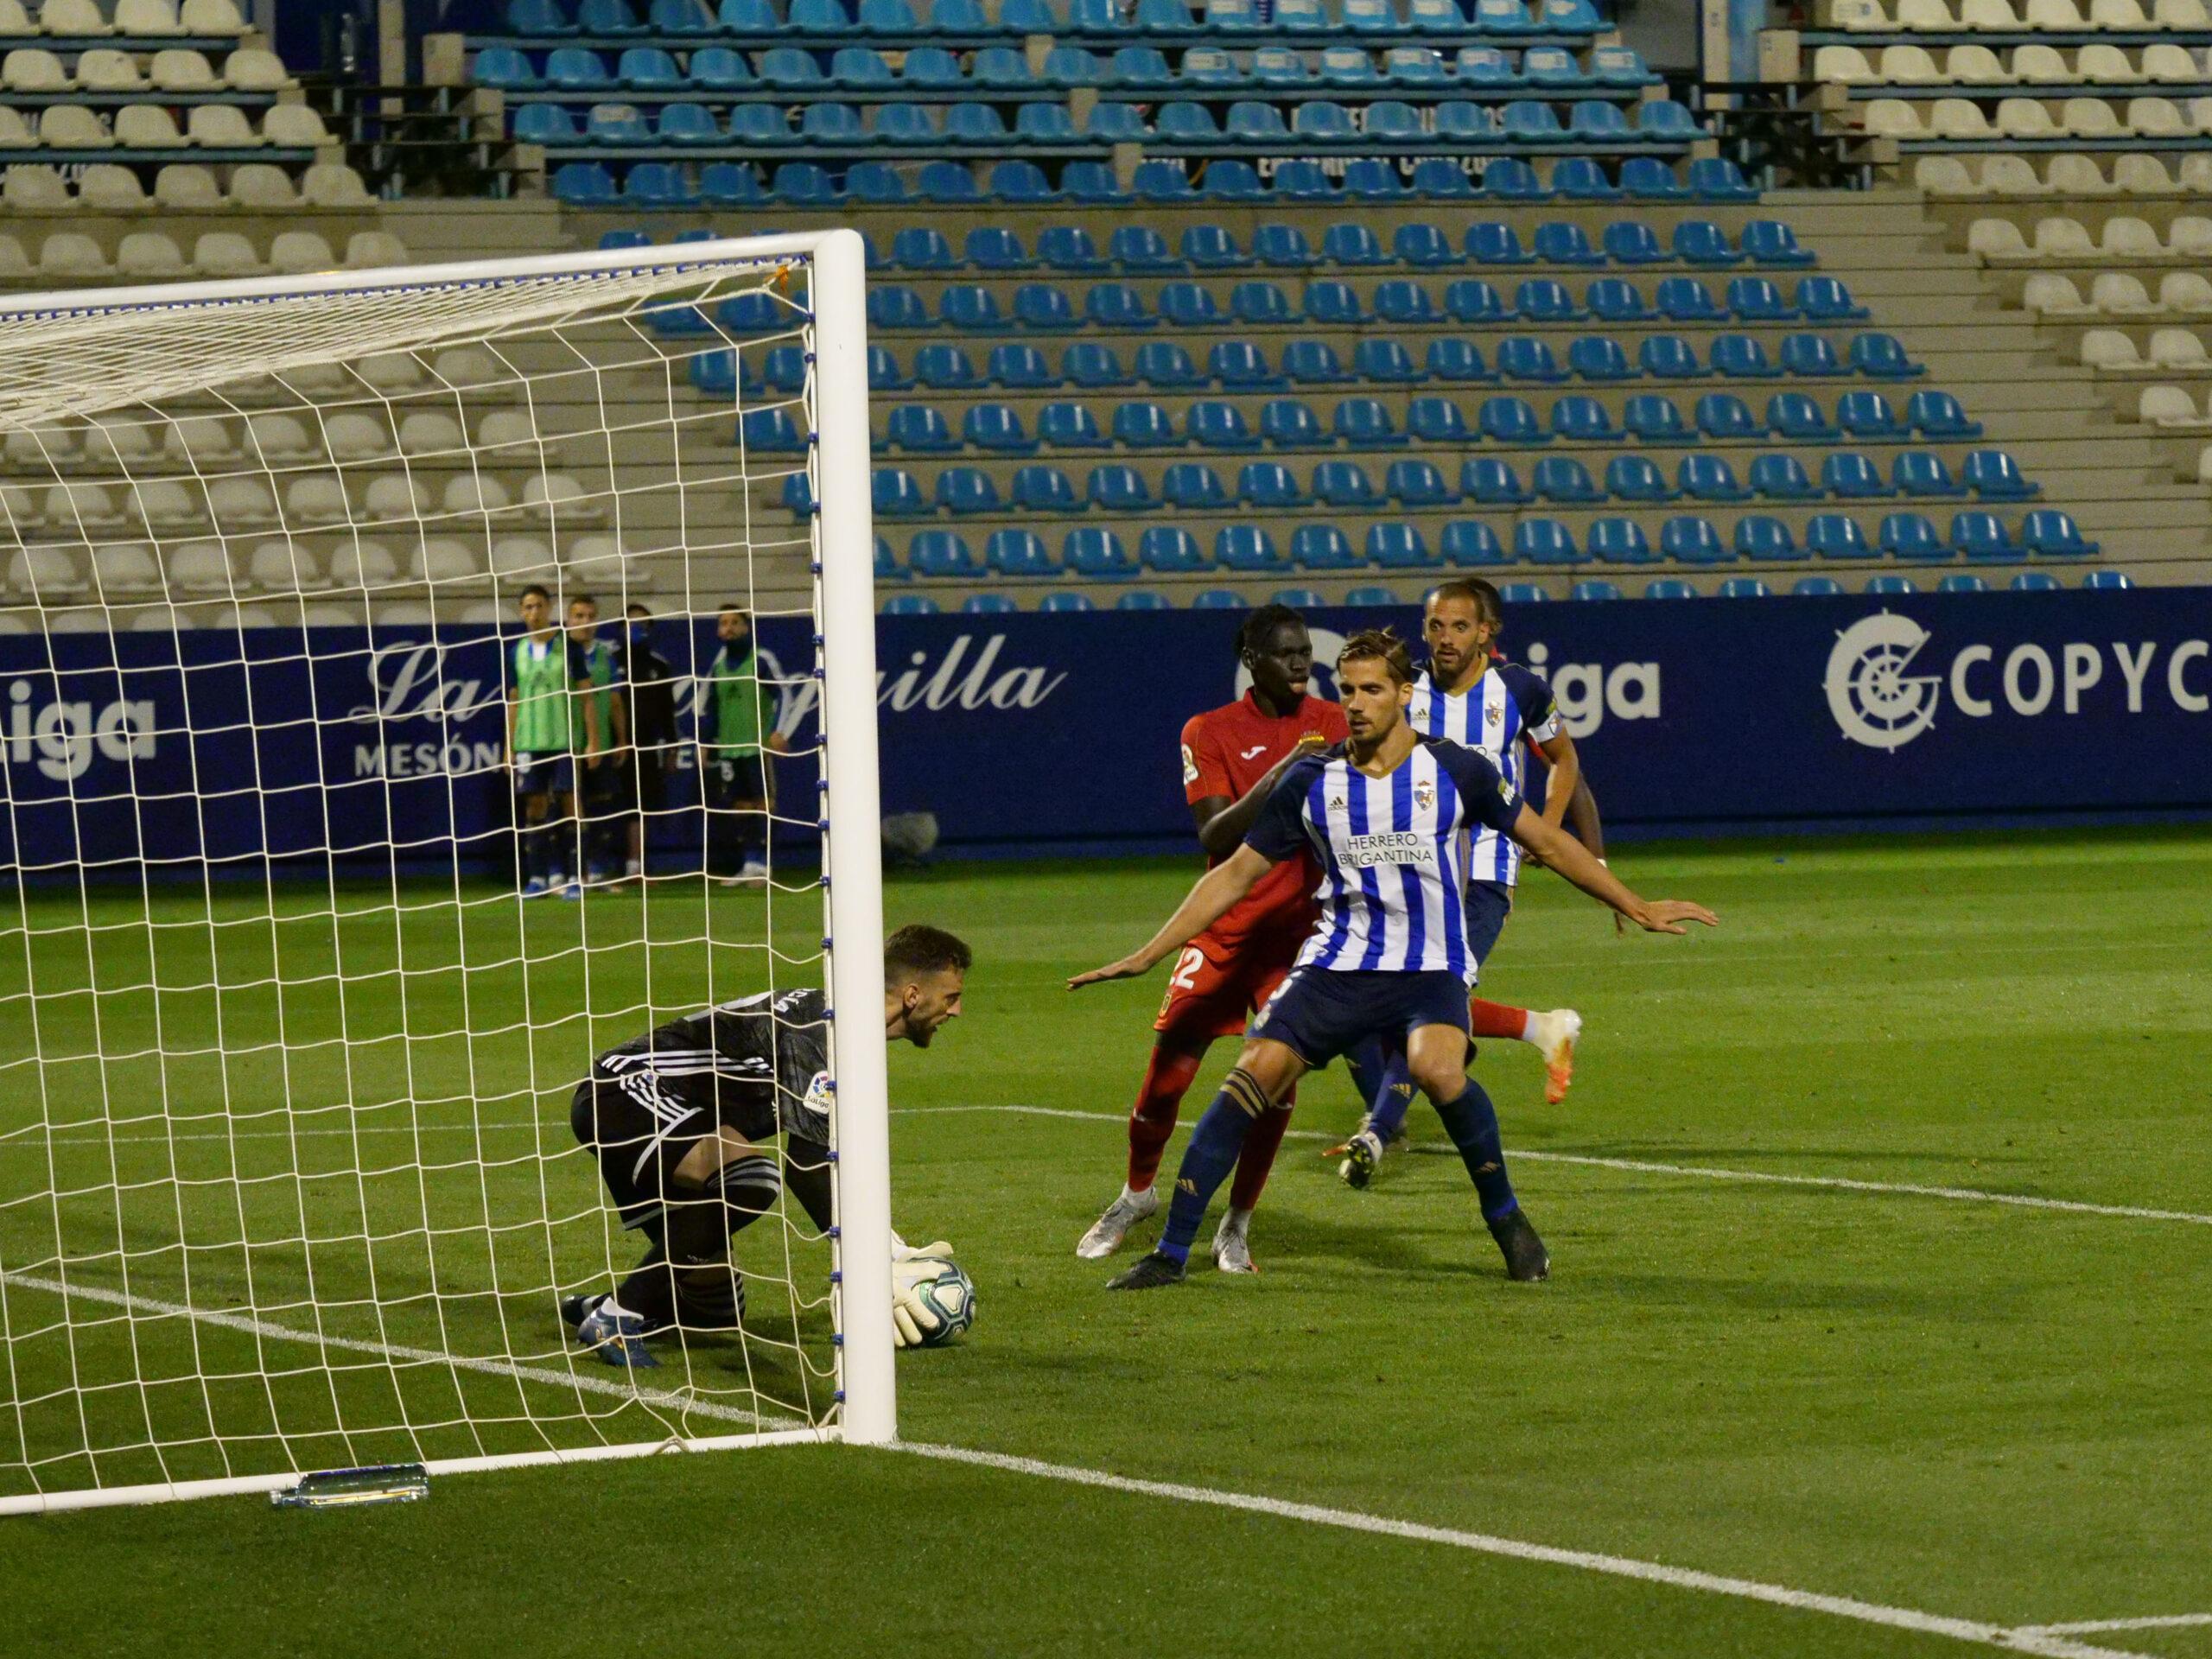 Fotogalería del partido Ponferradina - Fuenlabrada (0 - 3) 127